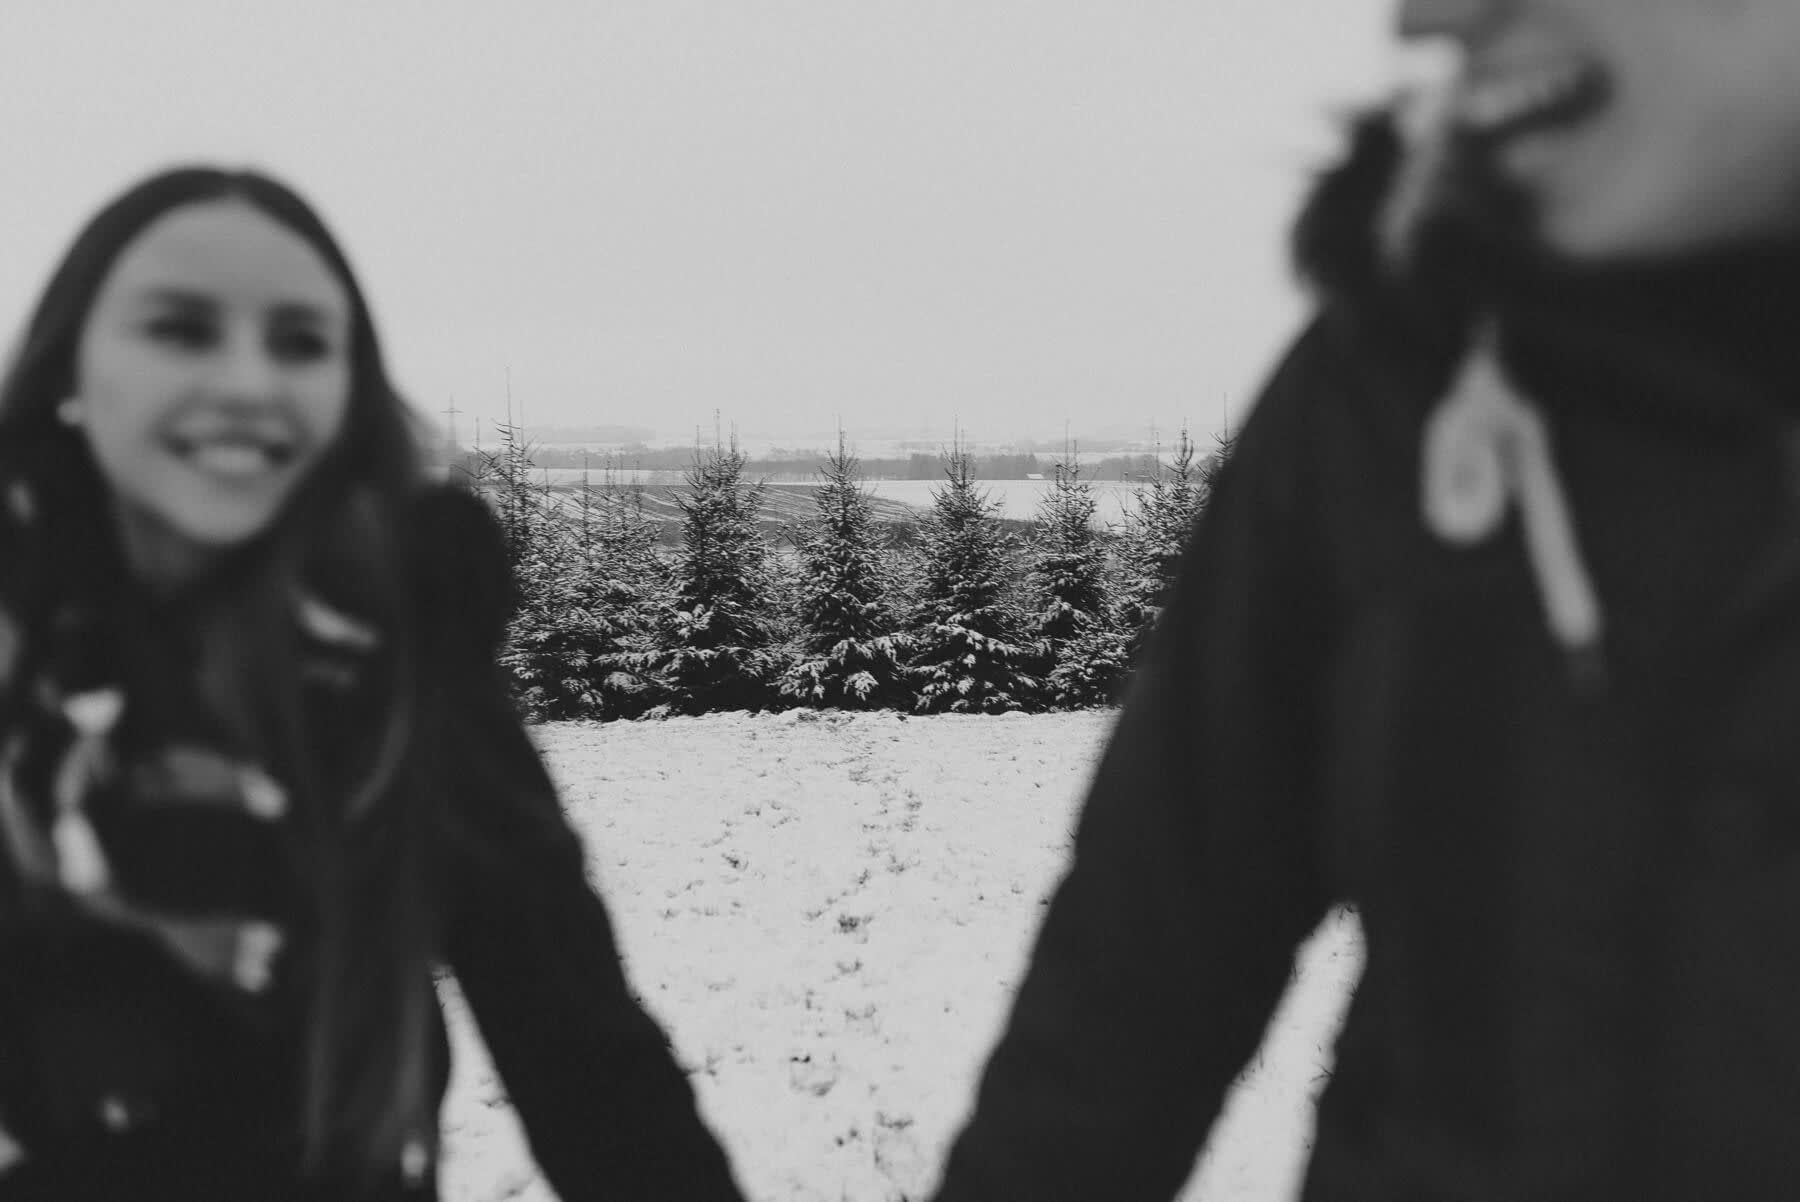 Lachen während dem Wintershooting im Nadelwald unscharf und in Schwarz weiß